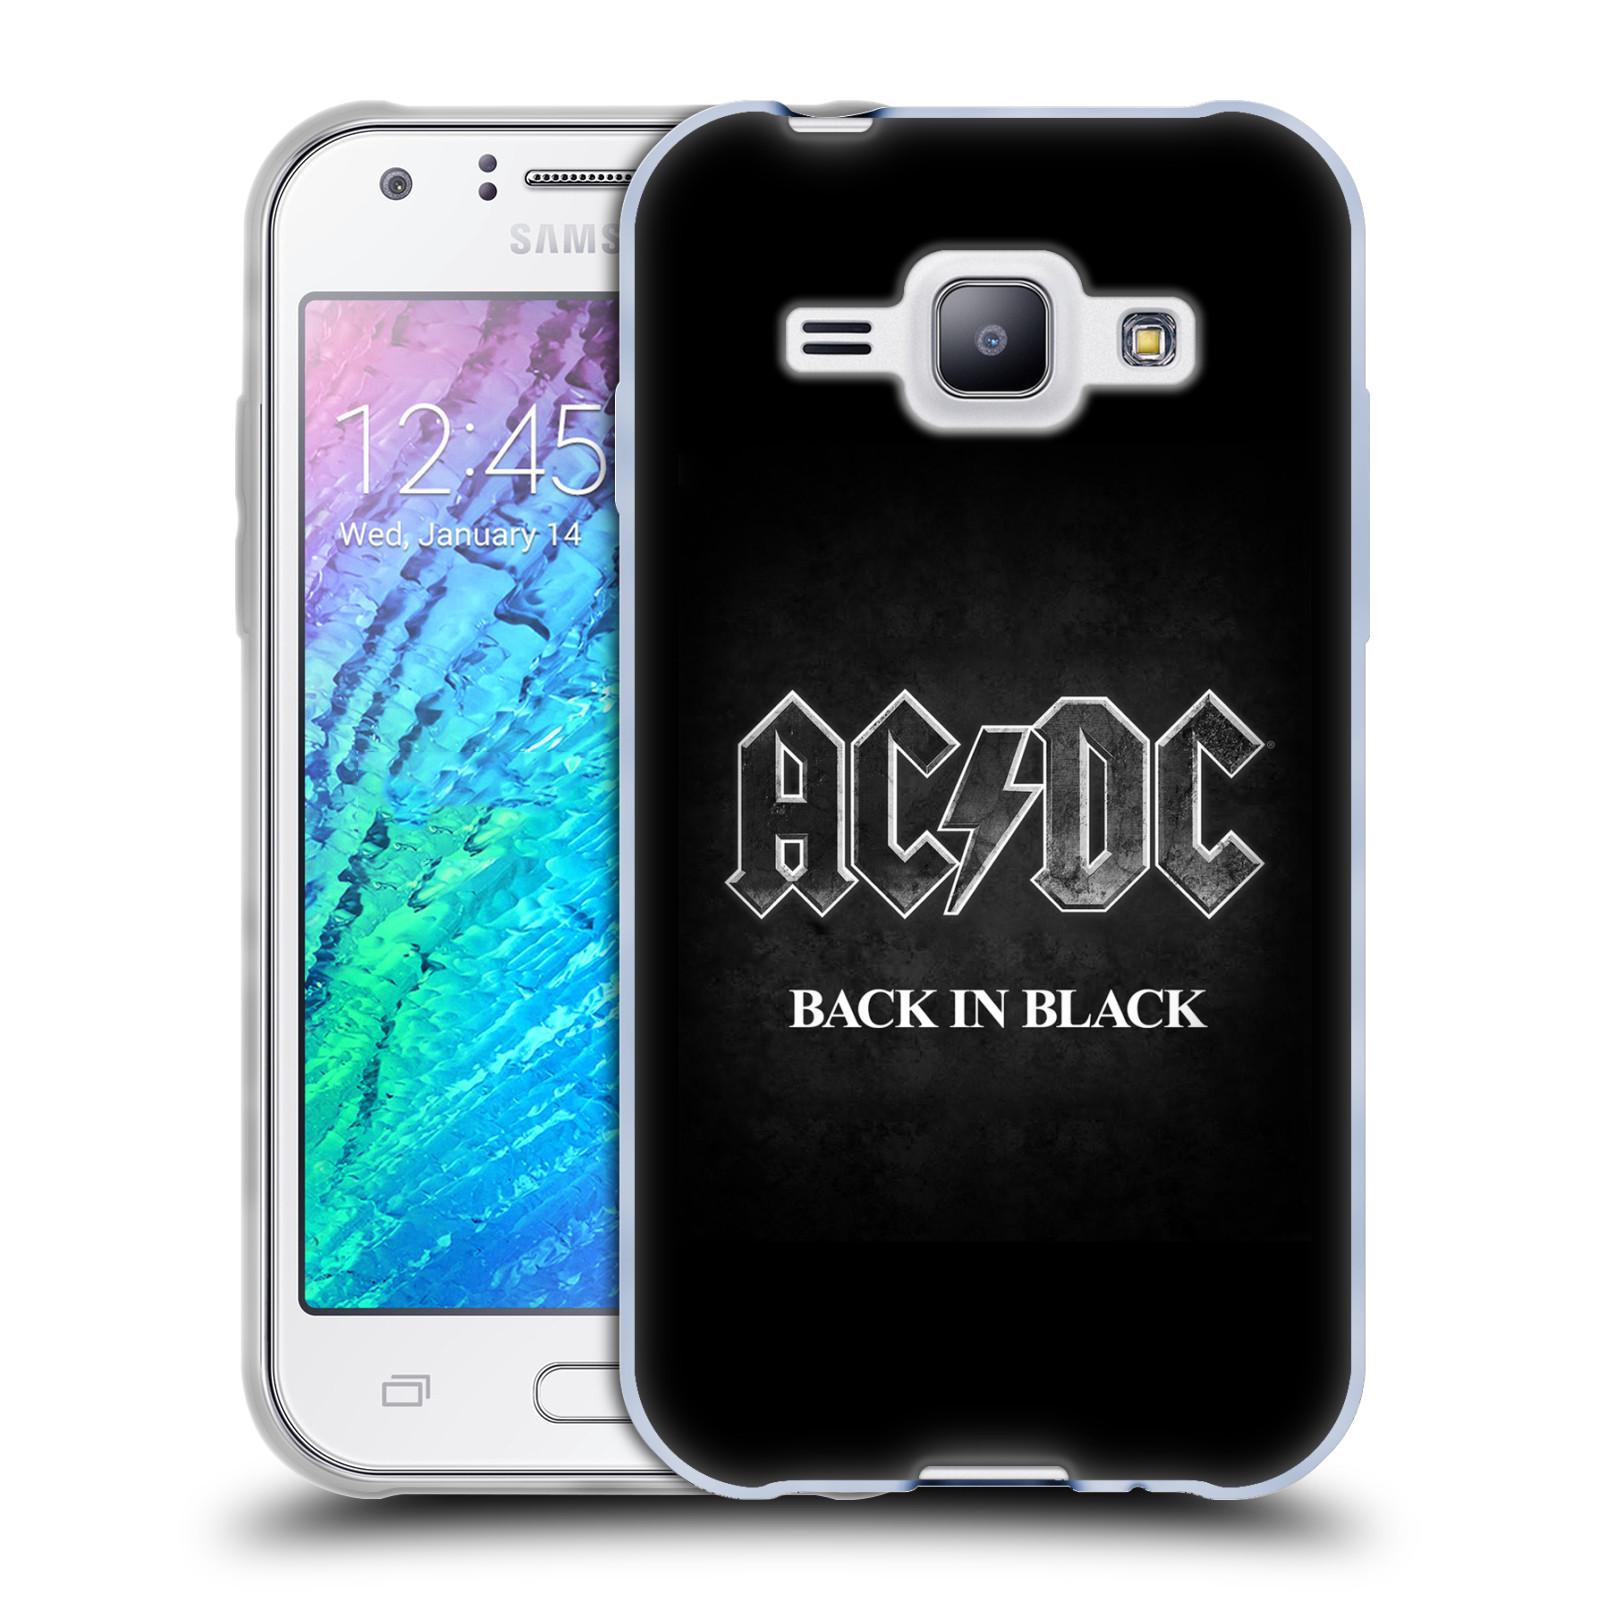 Silikonové pouzdro na mobil Samsung Galaxy J1 HEAD CASE AC/DC BACK IN BLACK (Silikonový kryt či obal na mobilní telefon s oficiálním motivem australské skupiny AC/DC pro Samsung Galaxy J1 a J1 Duos)